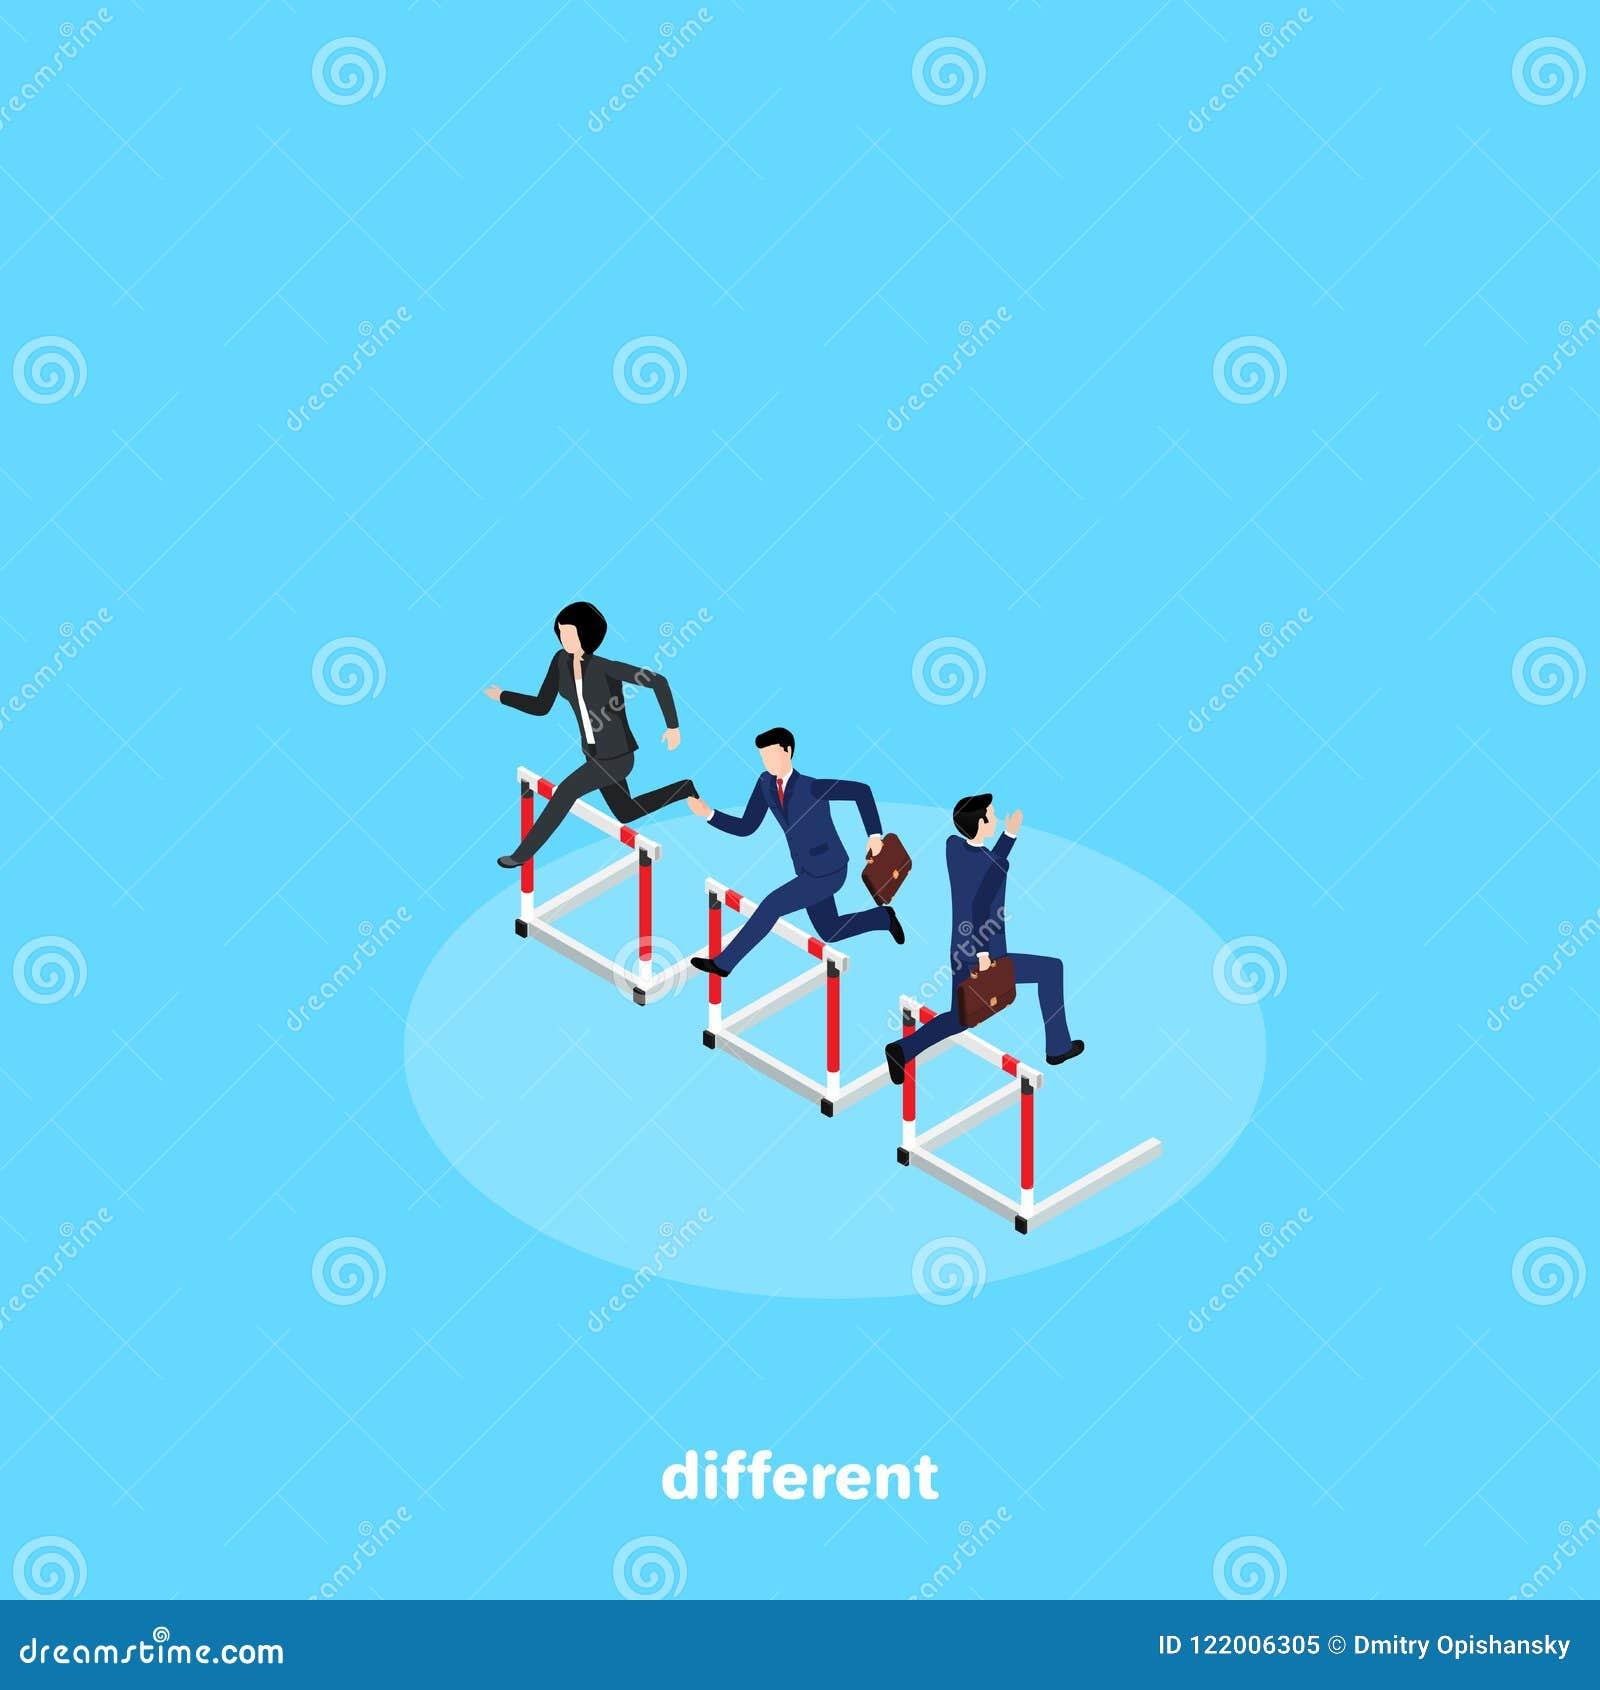 Les gens dans des costumes concurrencent dans le fonctionnement des obstacles mais courent dans différentes directions